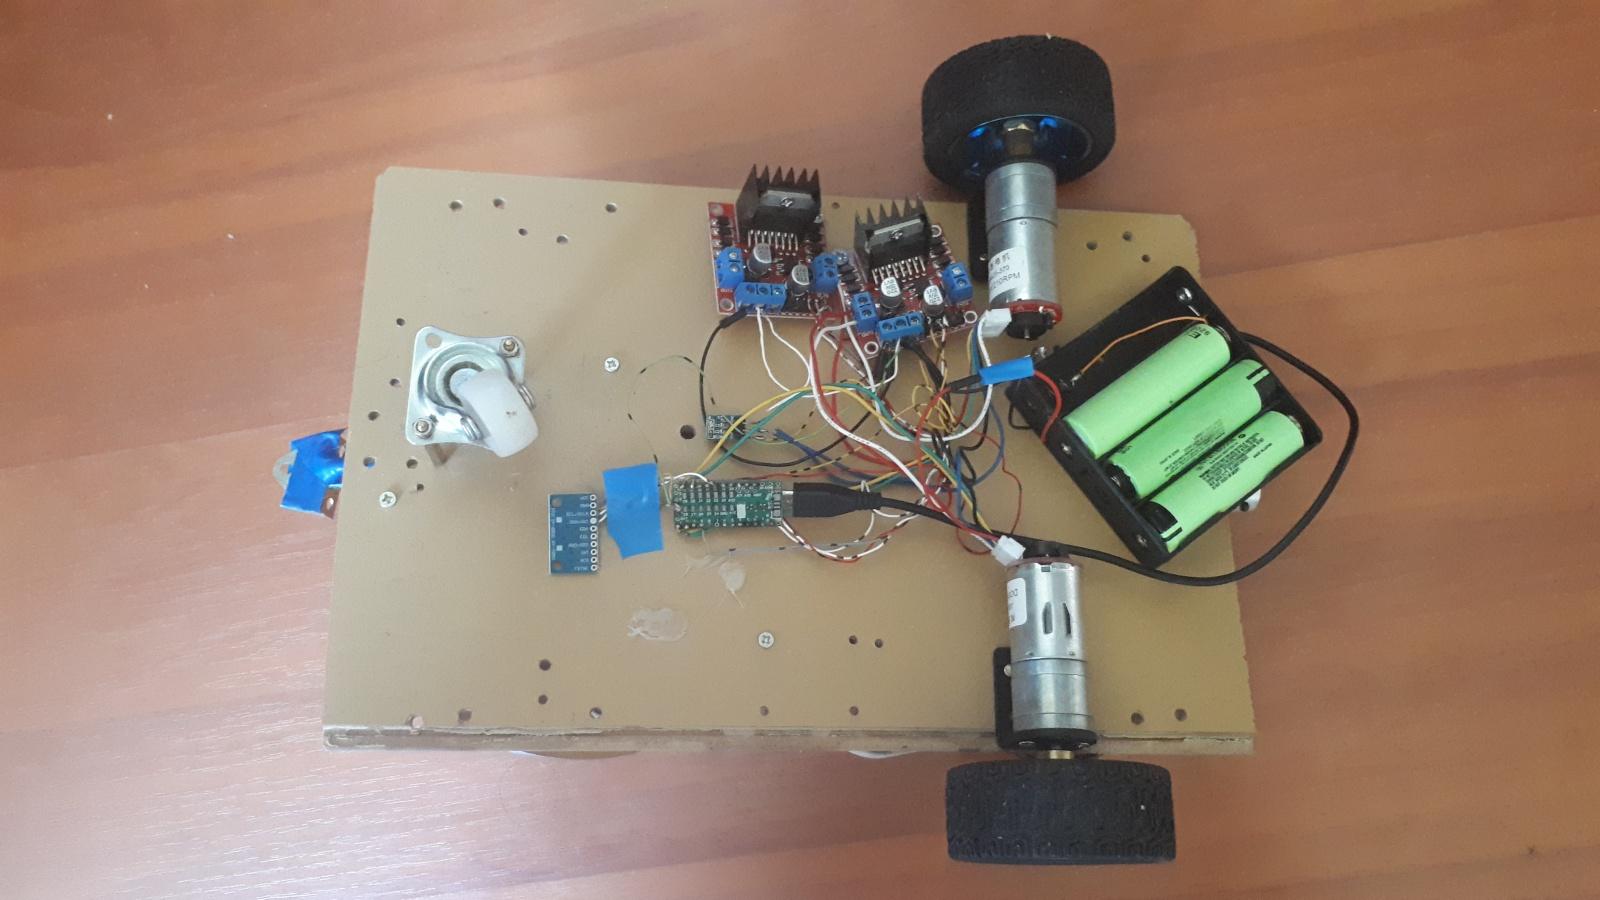 Робот-тележка 2.0. Автономная навигация домашнего робота на базе ROS. Часть 1 - 3